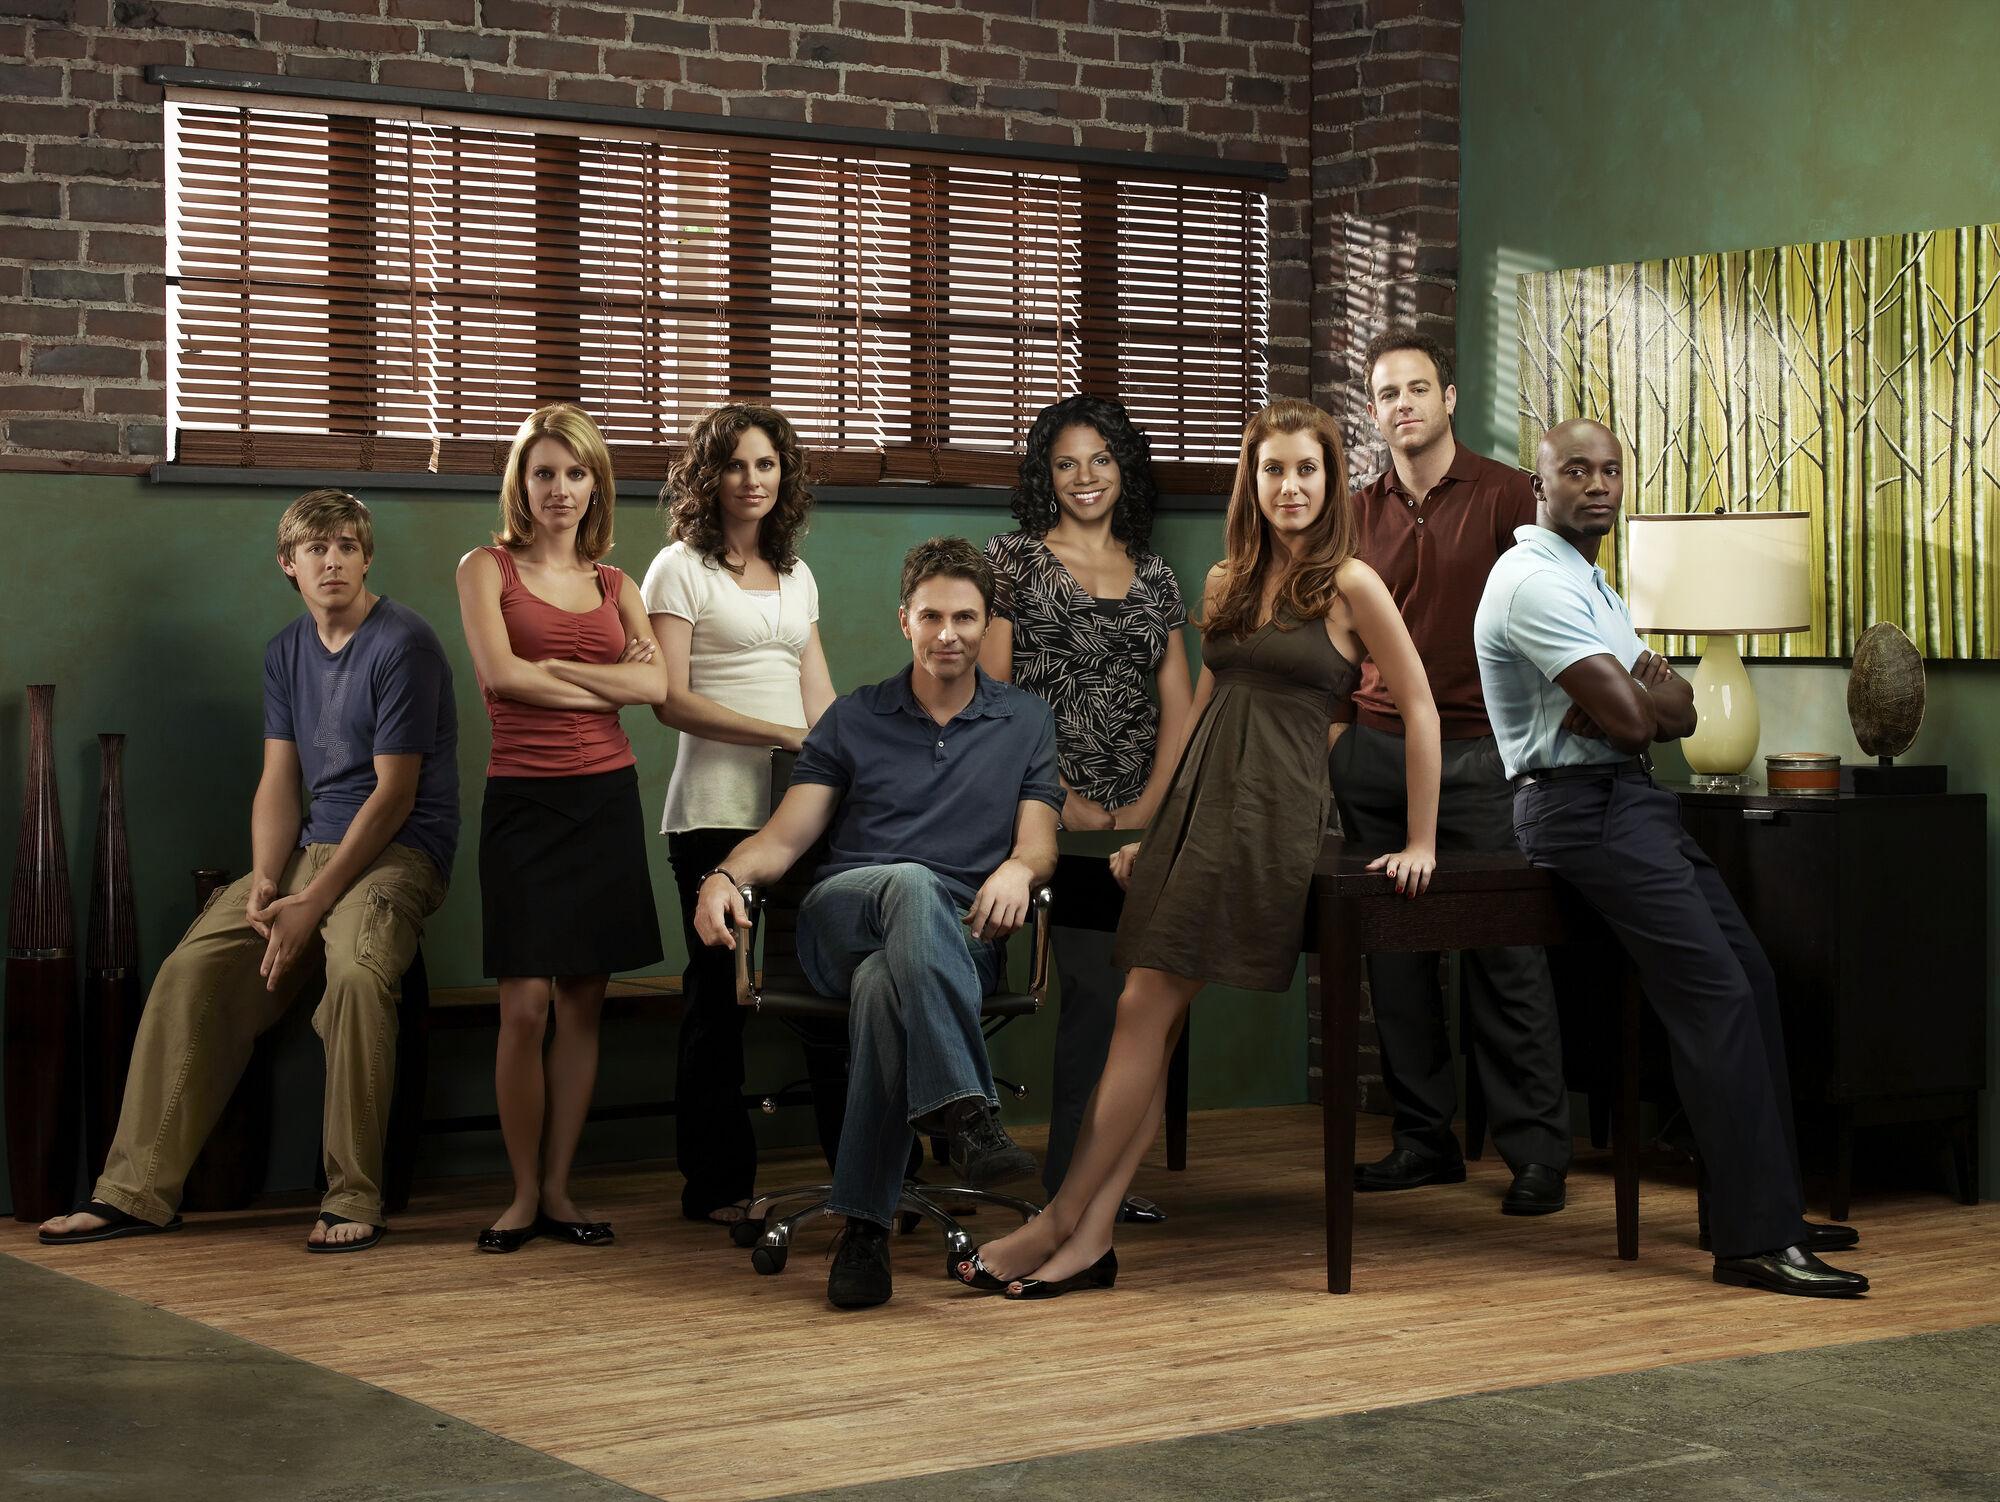 private practice episode guide season 1